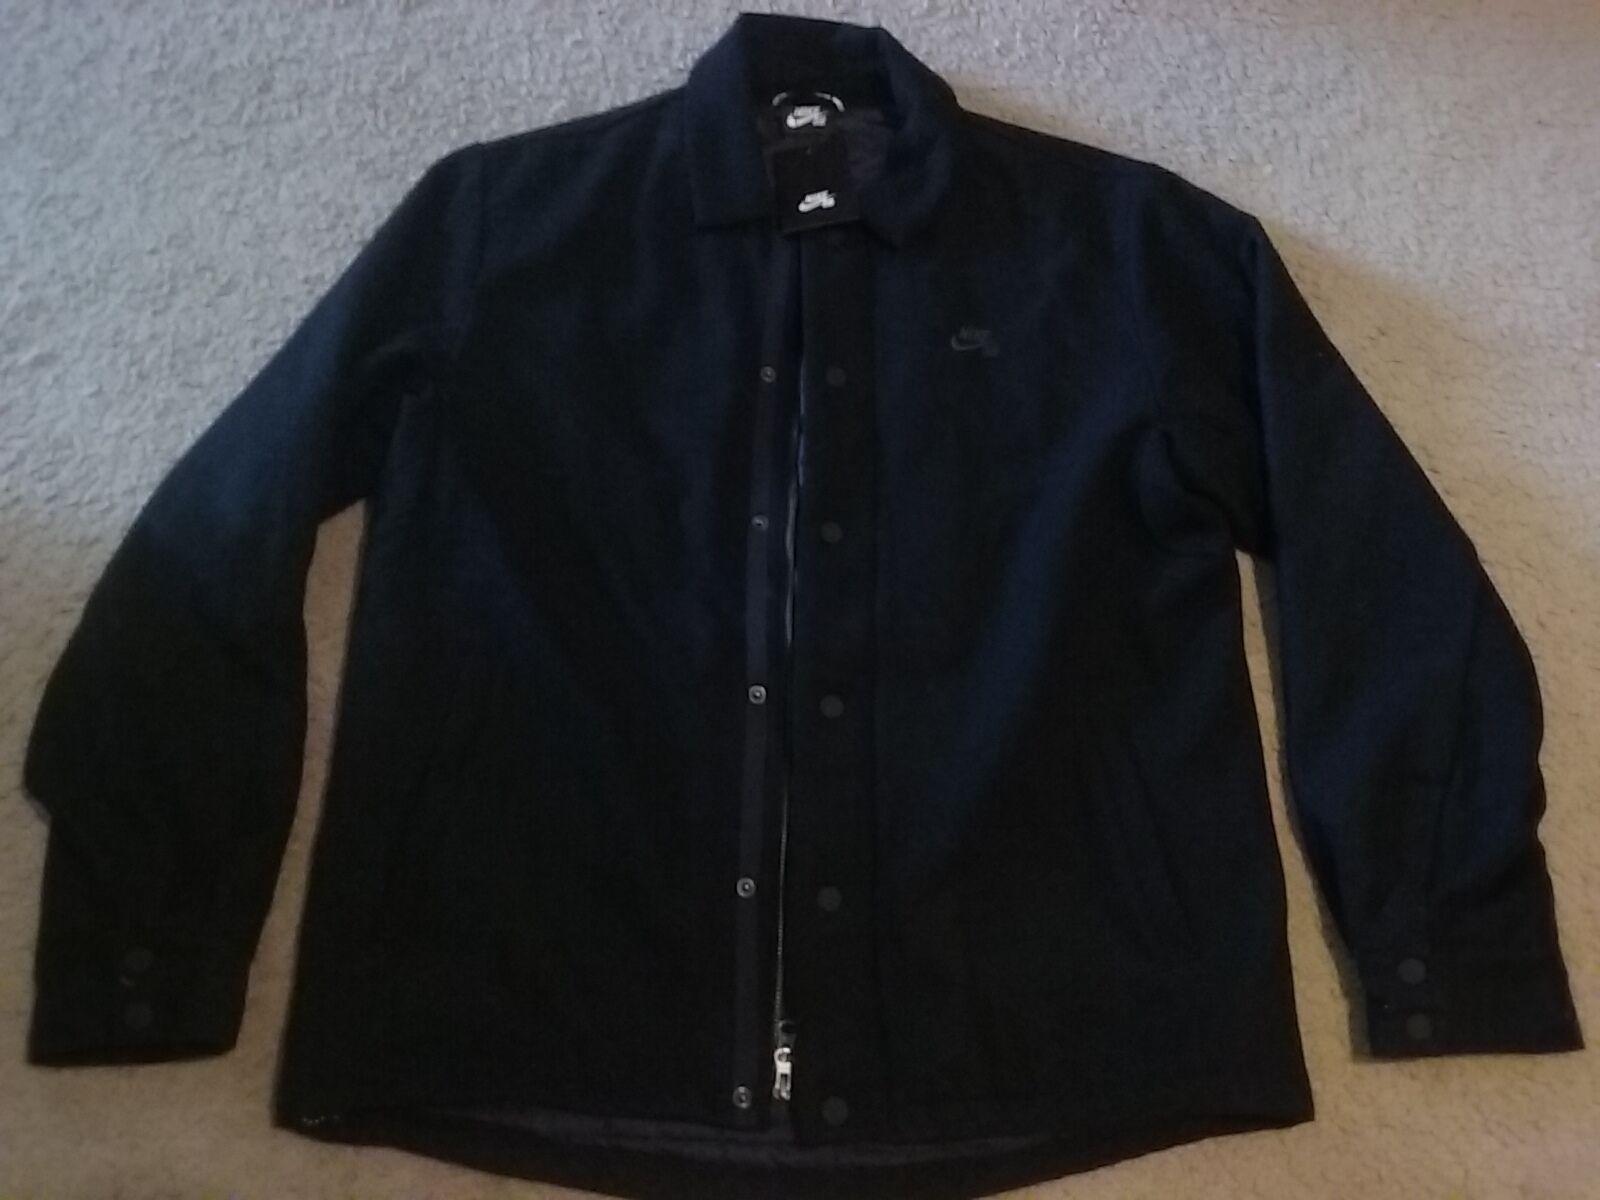 Grey 800982-071 Size Medium New Nike SB Wool Coaches Jacket